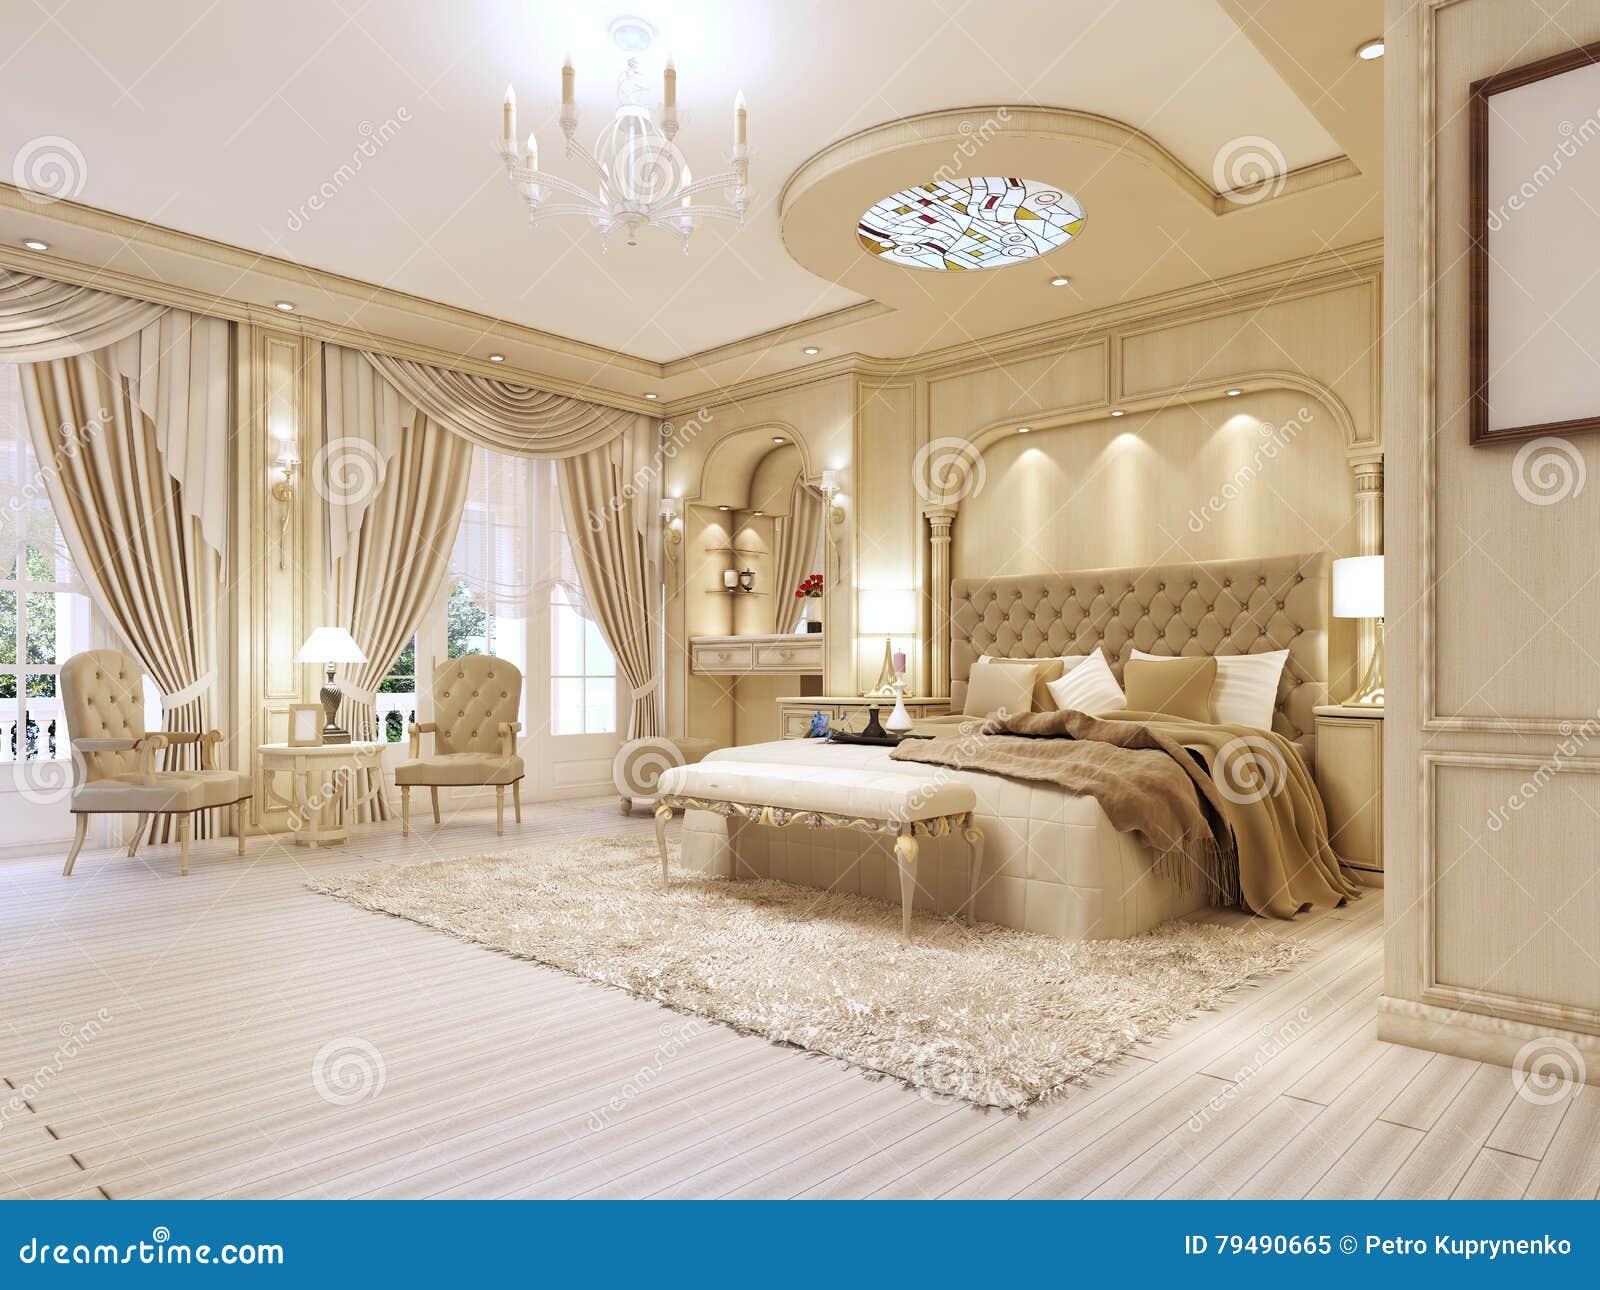 Chambre à Coucher Luxueuse Dans Des Couleurs En Pastel Dans Un Style  Néoclassique